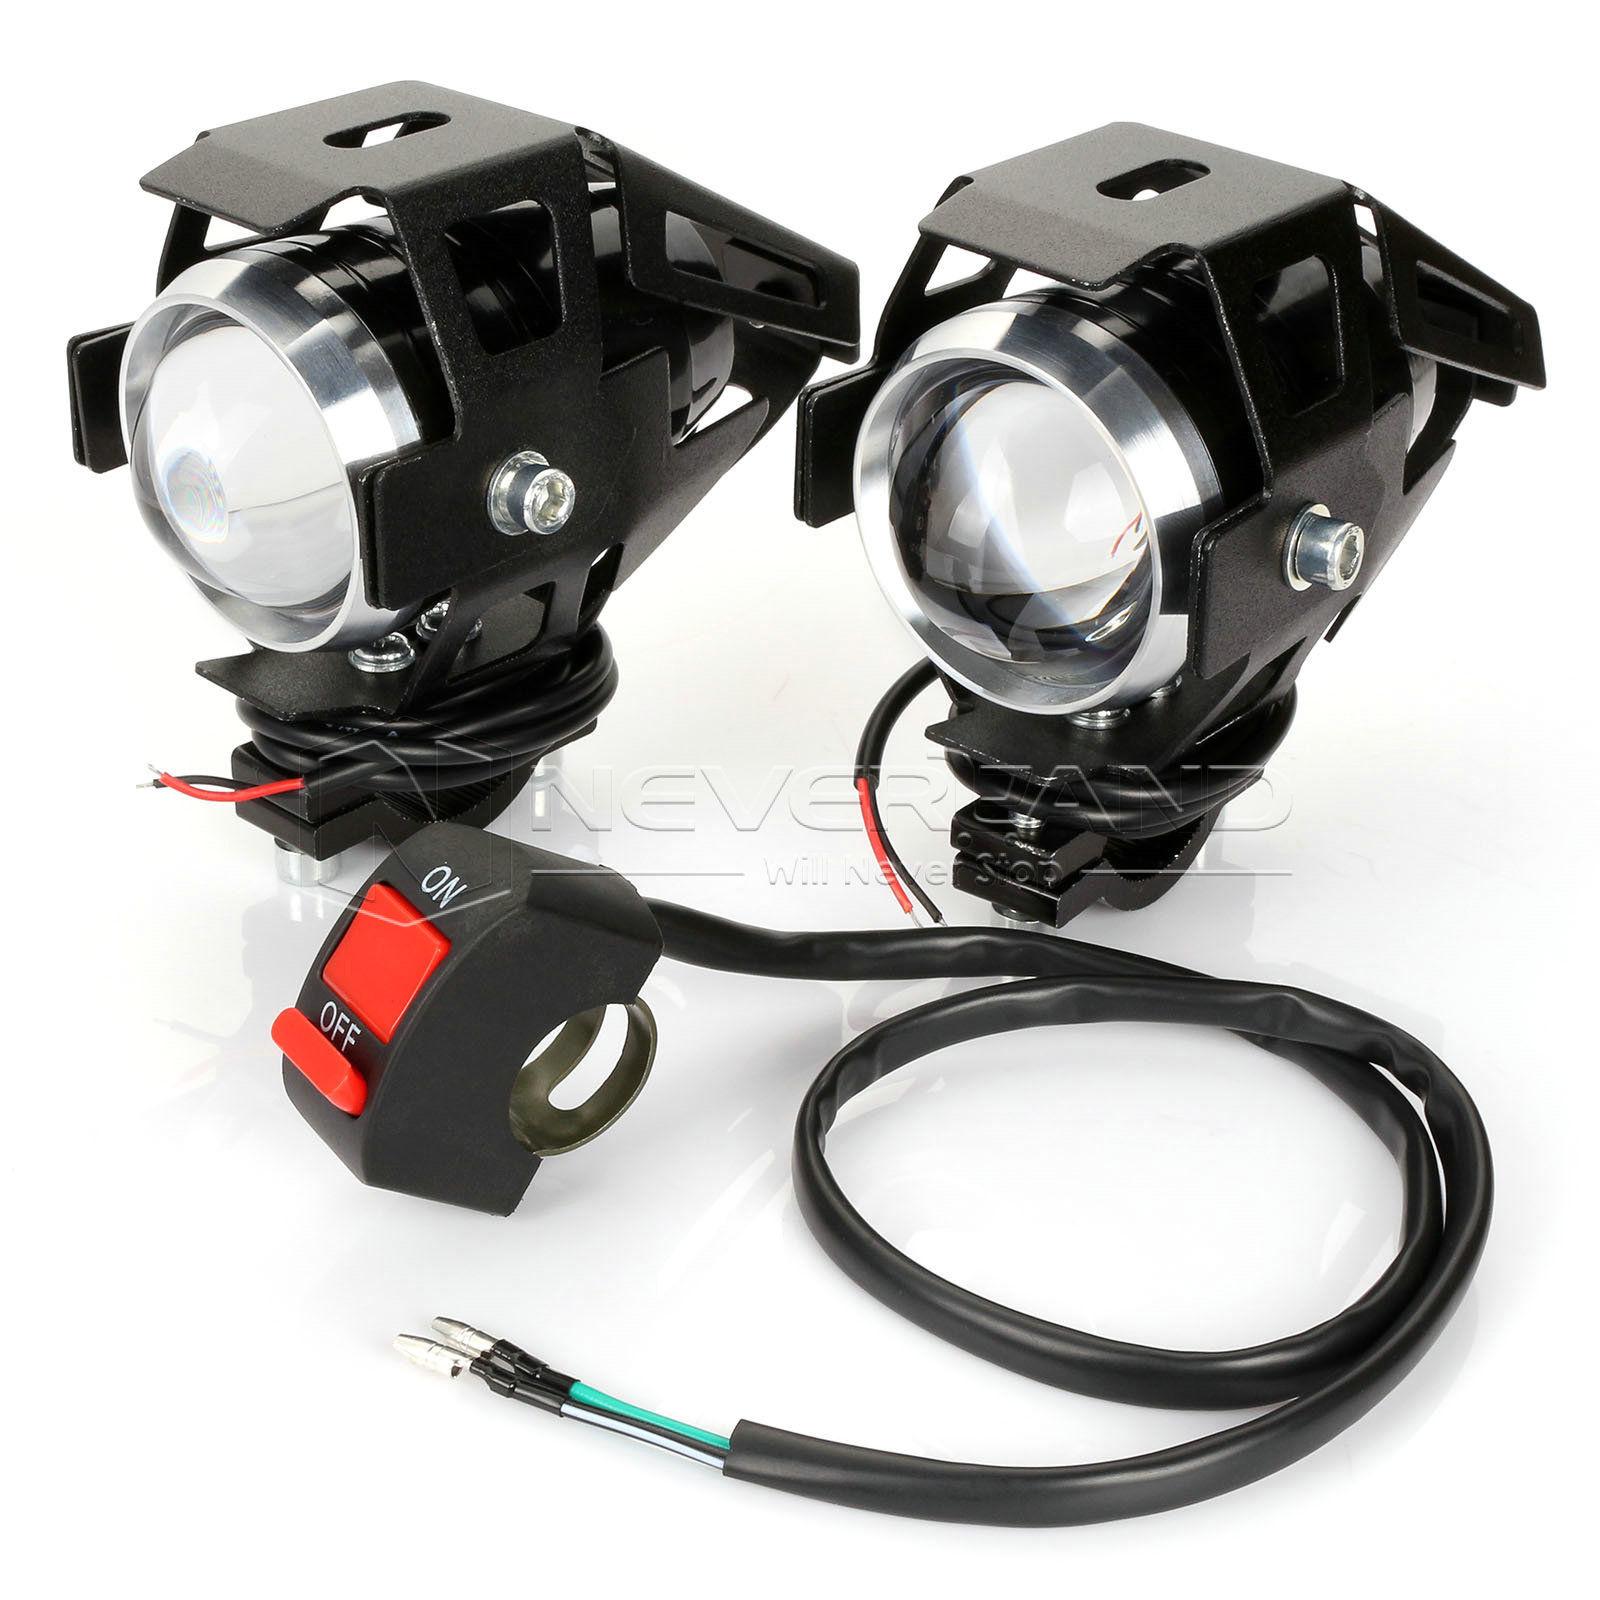 Prix pour 2 PCS Moto LED Phare 125 W 3000LM U5 Étanche Conduite Spot Tête Lampe Brouillard Interrupteur de Lumière Moto Accessoires 12 V 6000 K D25